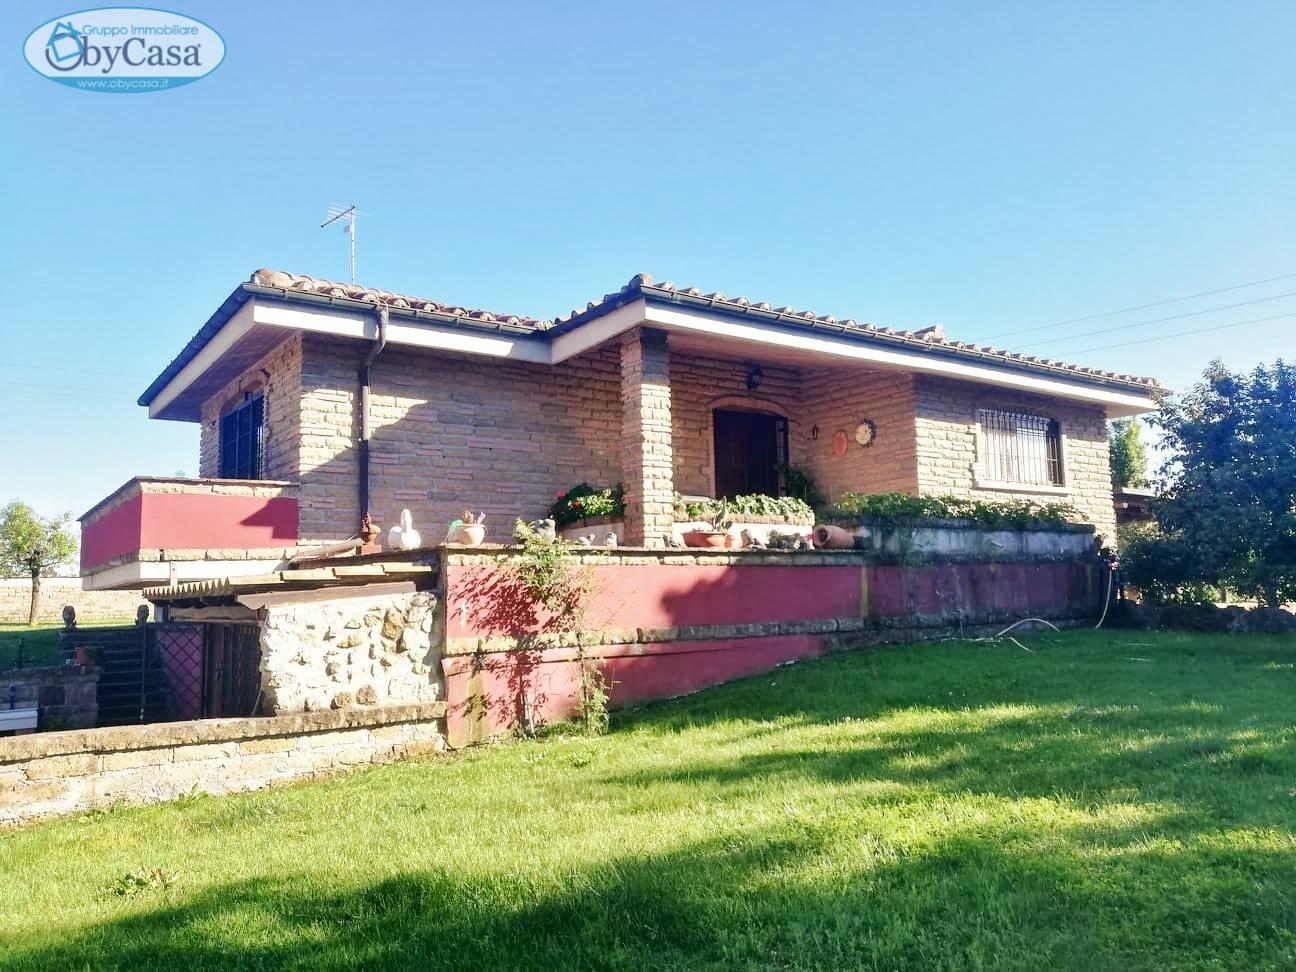 Villa in vendita a Canale Monterano, 7 locali, zona Località: canalemonterano, prezzo € 320.000 | CambioCasa.it